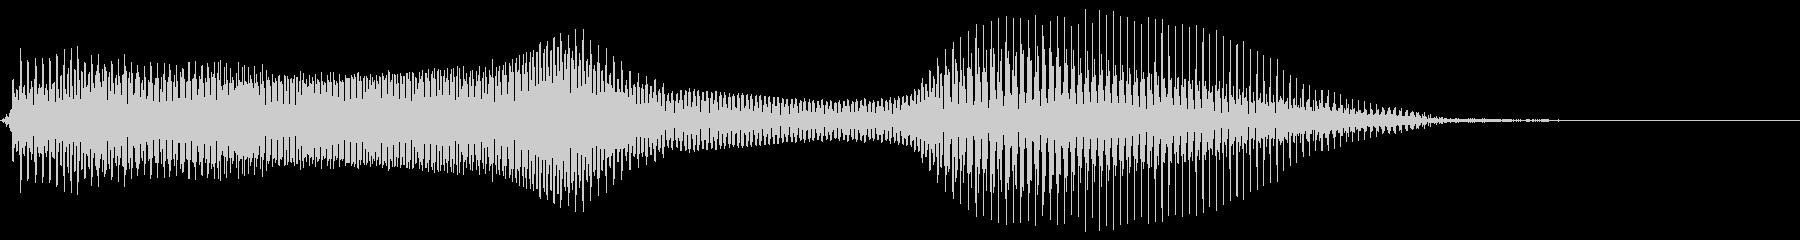 いいね!2【ロリキャラの褒めボイス】の未再生の波形